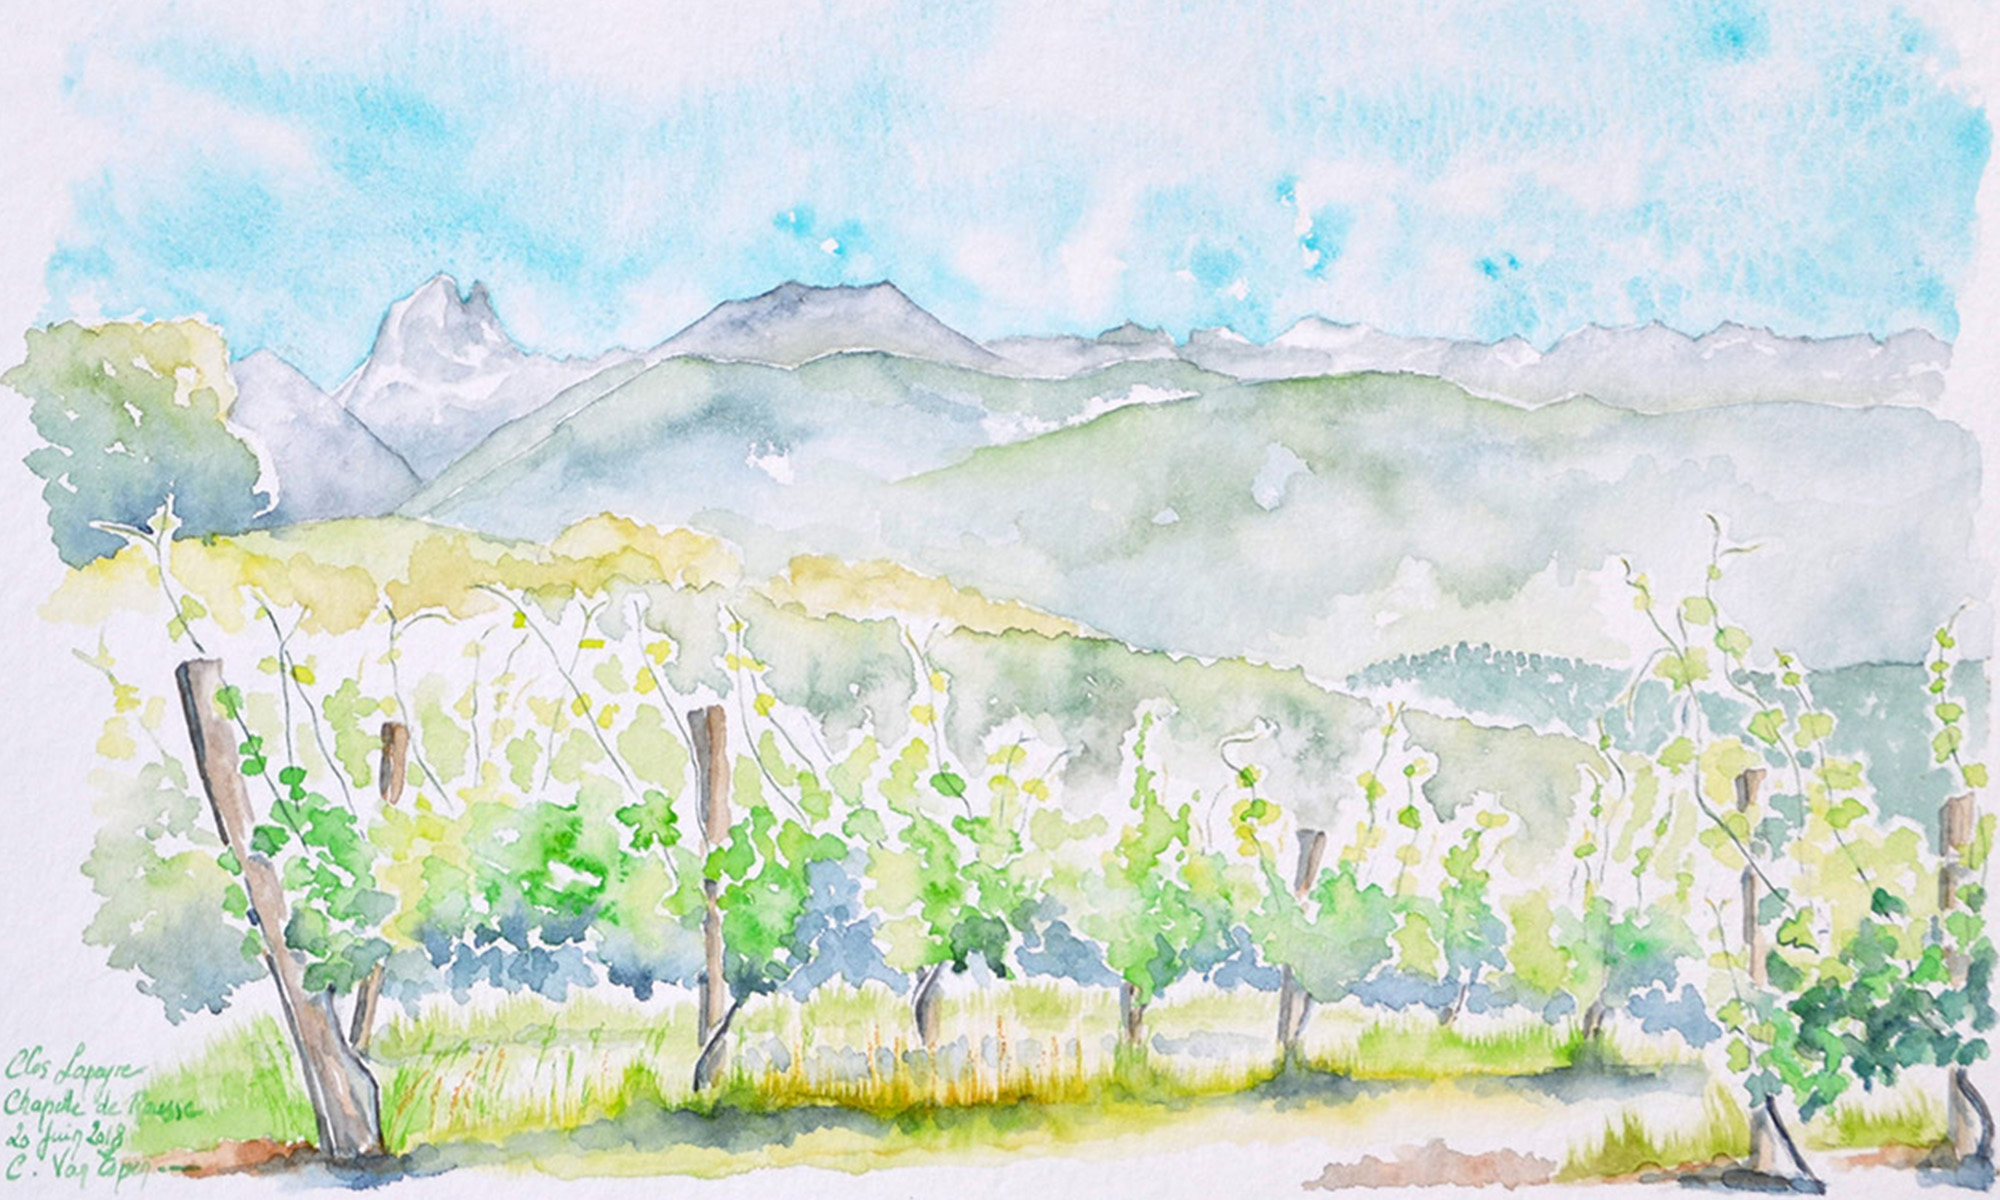 A l'aquarelle, en premier plan deux rangs de ceps de vigne. Les deux sont orientés de la gauche vers la droite, ils sont sur une pente descendante vers l'horizon. Le premier rang est à gauche de la feuille, le second à droite, il ne laisse voir que deux ceps. Derrière, des coteaux, puis le piémont pyrénéen. Au fond, la chaine des Pyrénées avec sur la gauche, le pic du Midi d'Ossau. Les ceps sont dans les tons de vert vif, le ciel bleu turquoise, la chaine bleu gris.